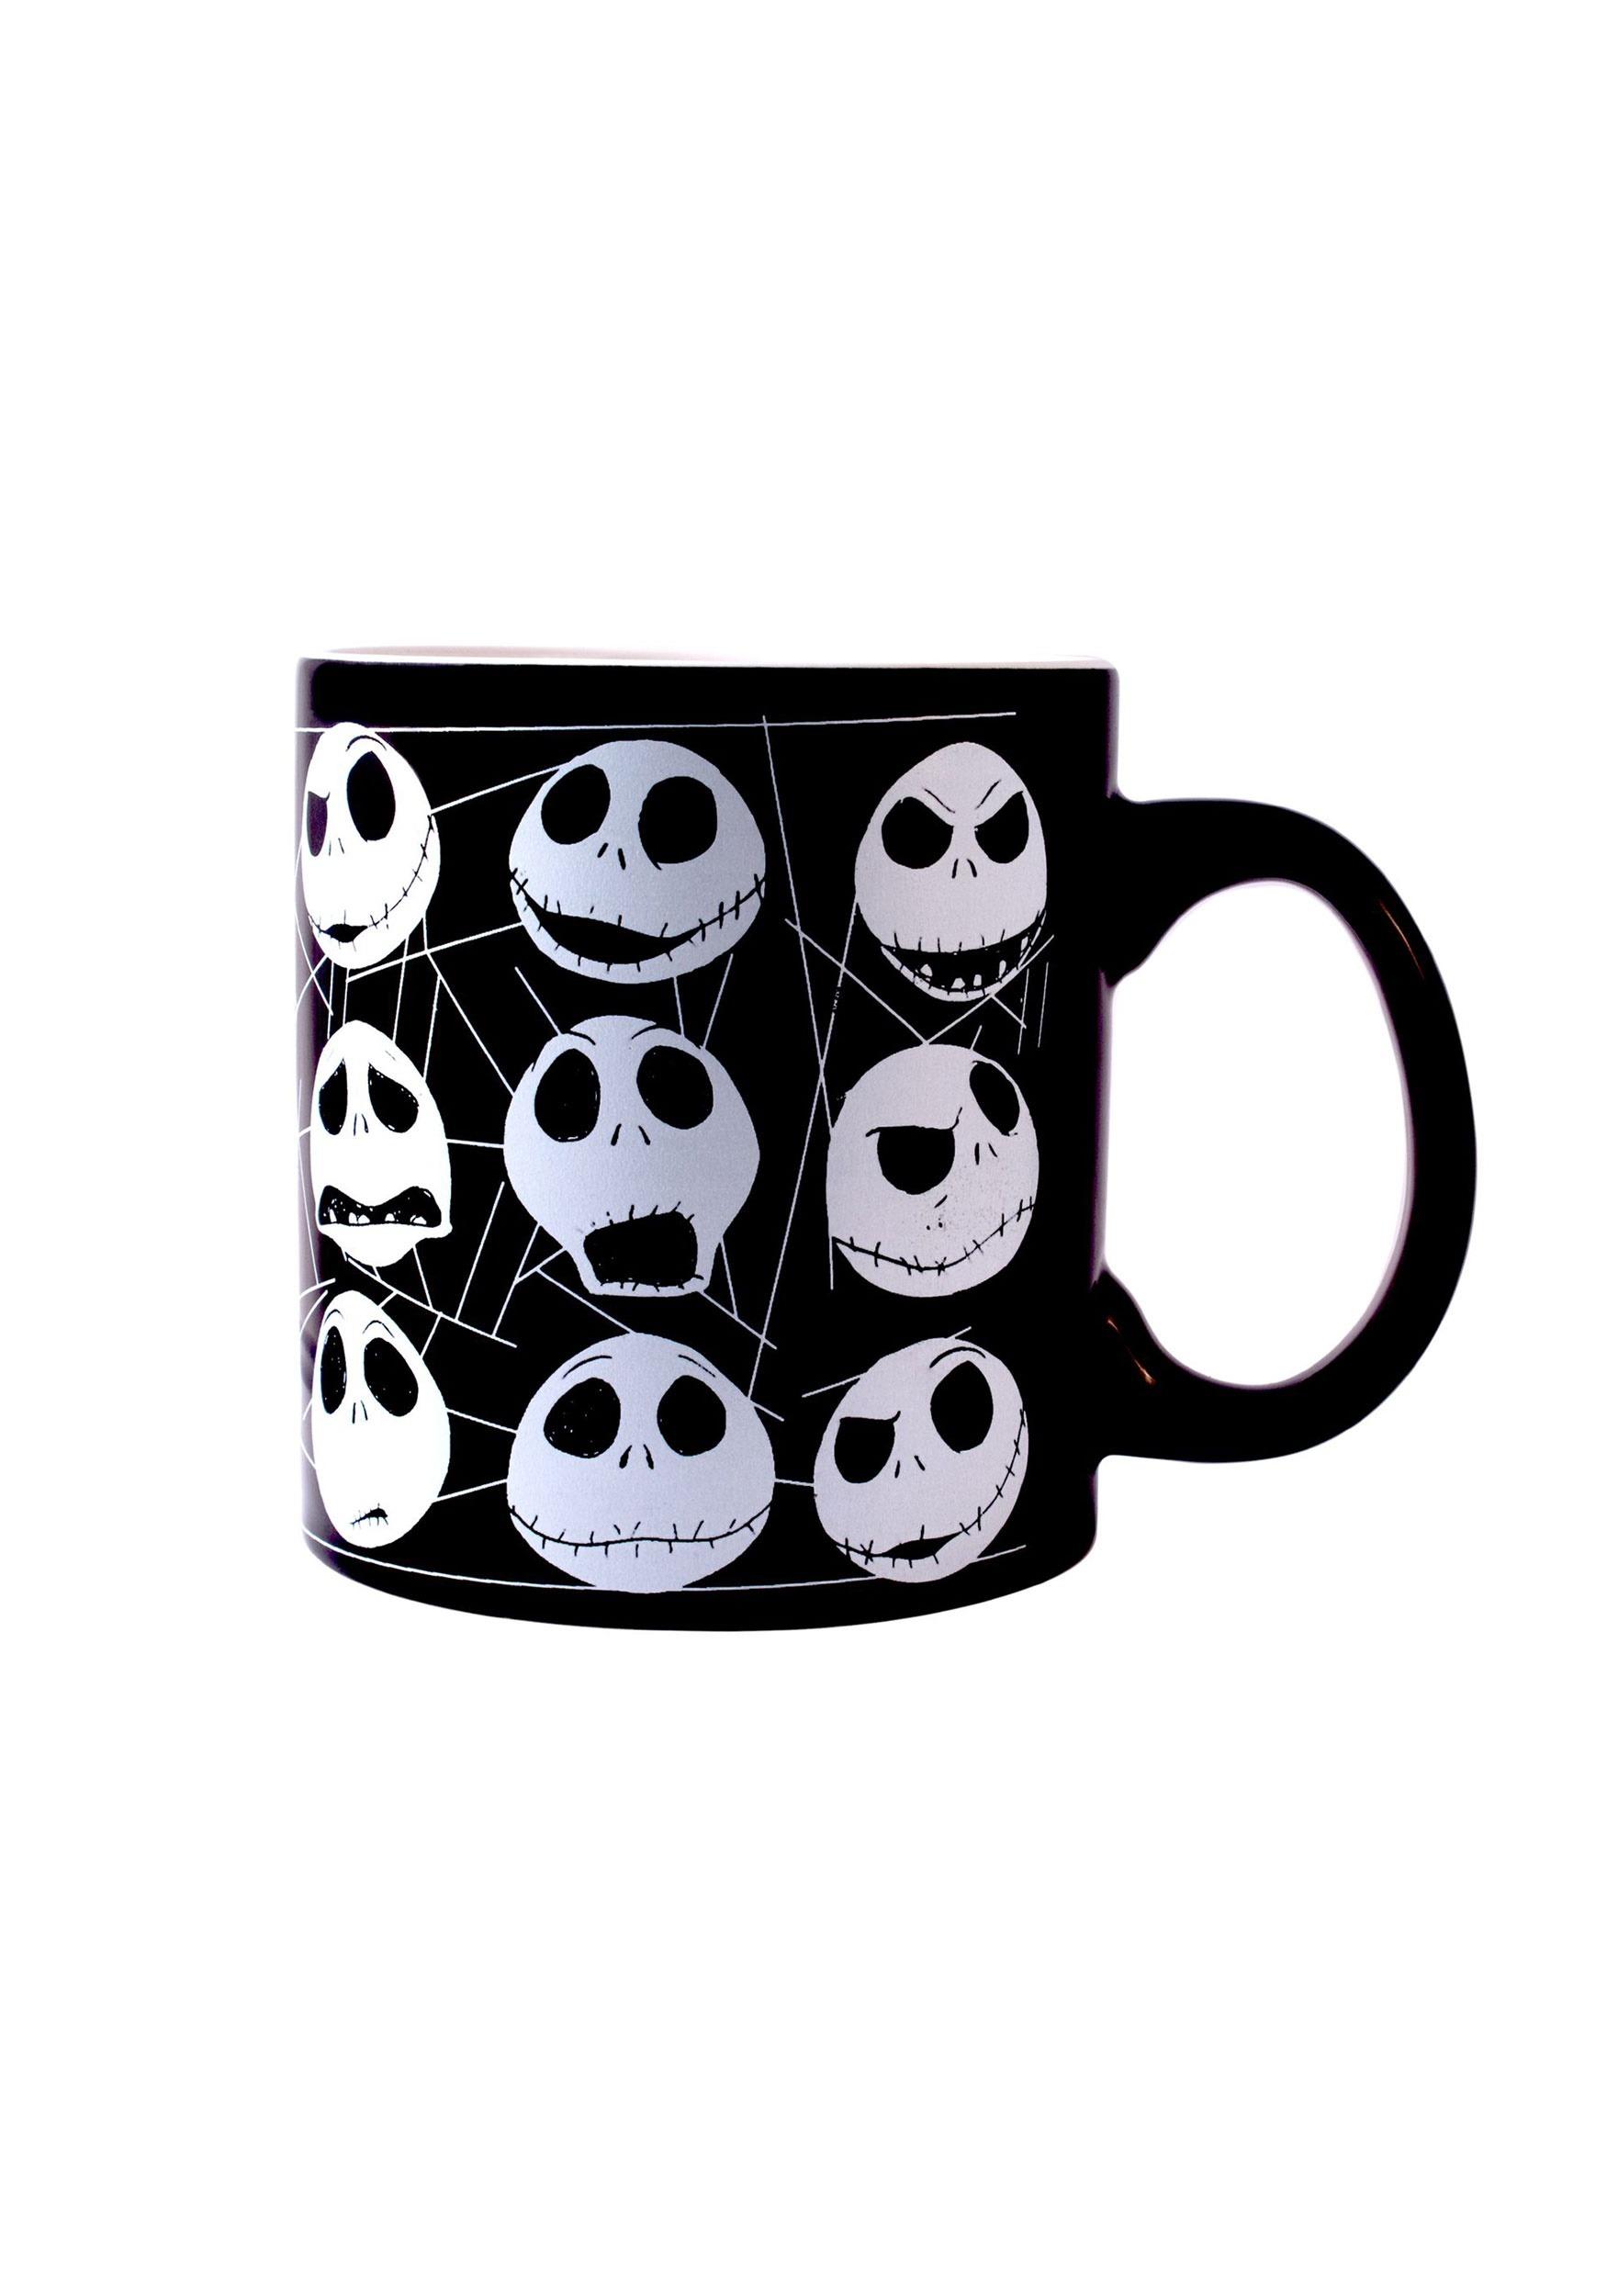 Nightmare Before Christmas Jack Faces Glow-in-the-Dark Mug